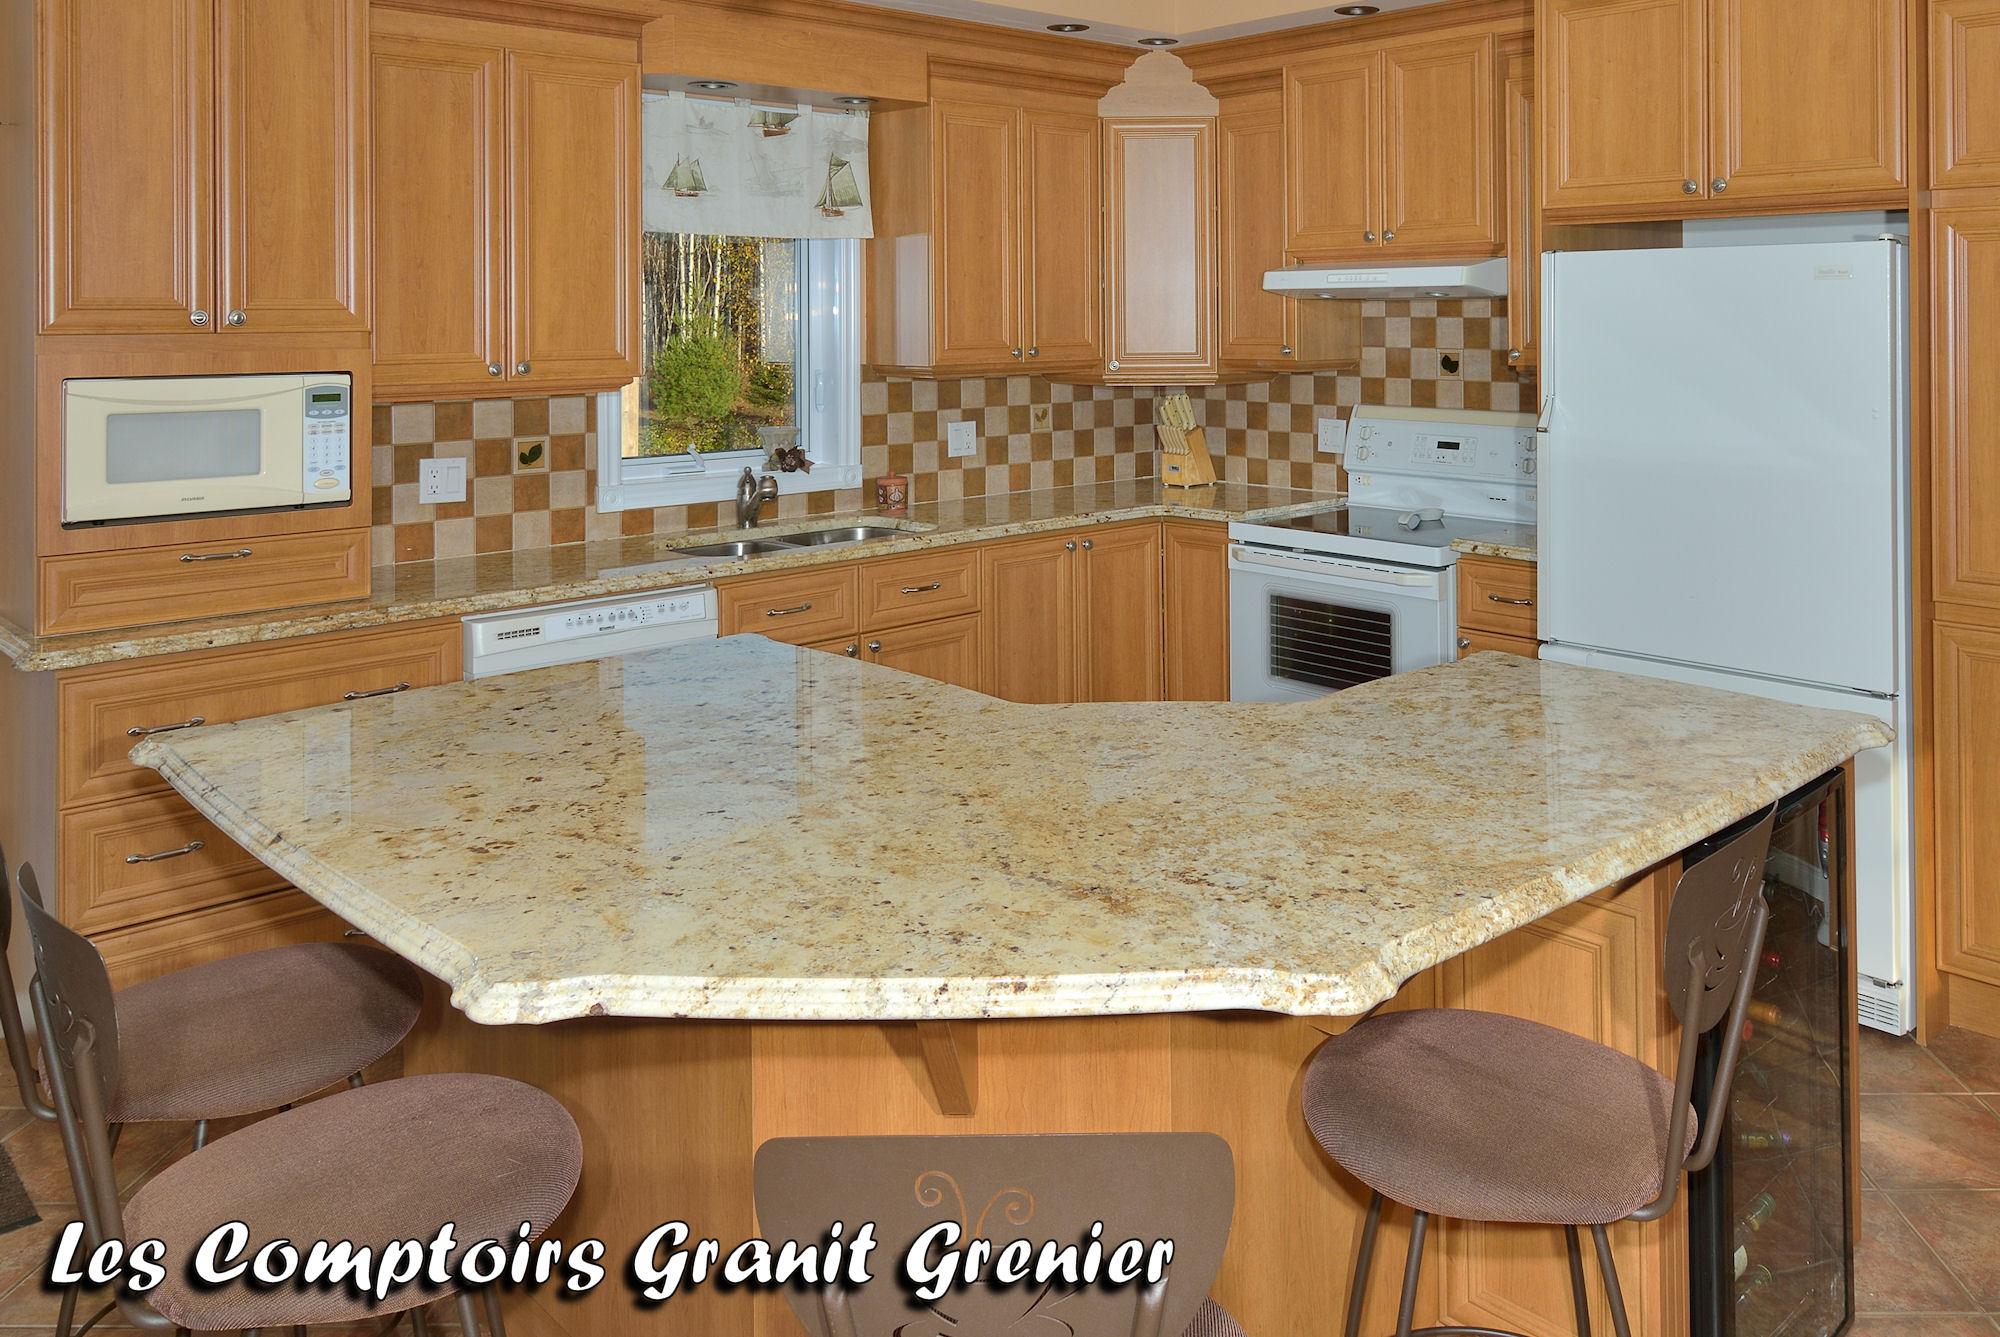 comptoir cuisine granit 013 large 30 Beau Comptoir De Cuisine Uqw1